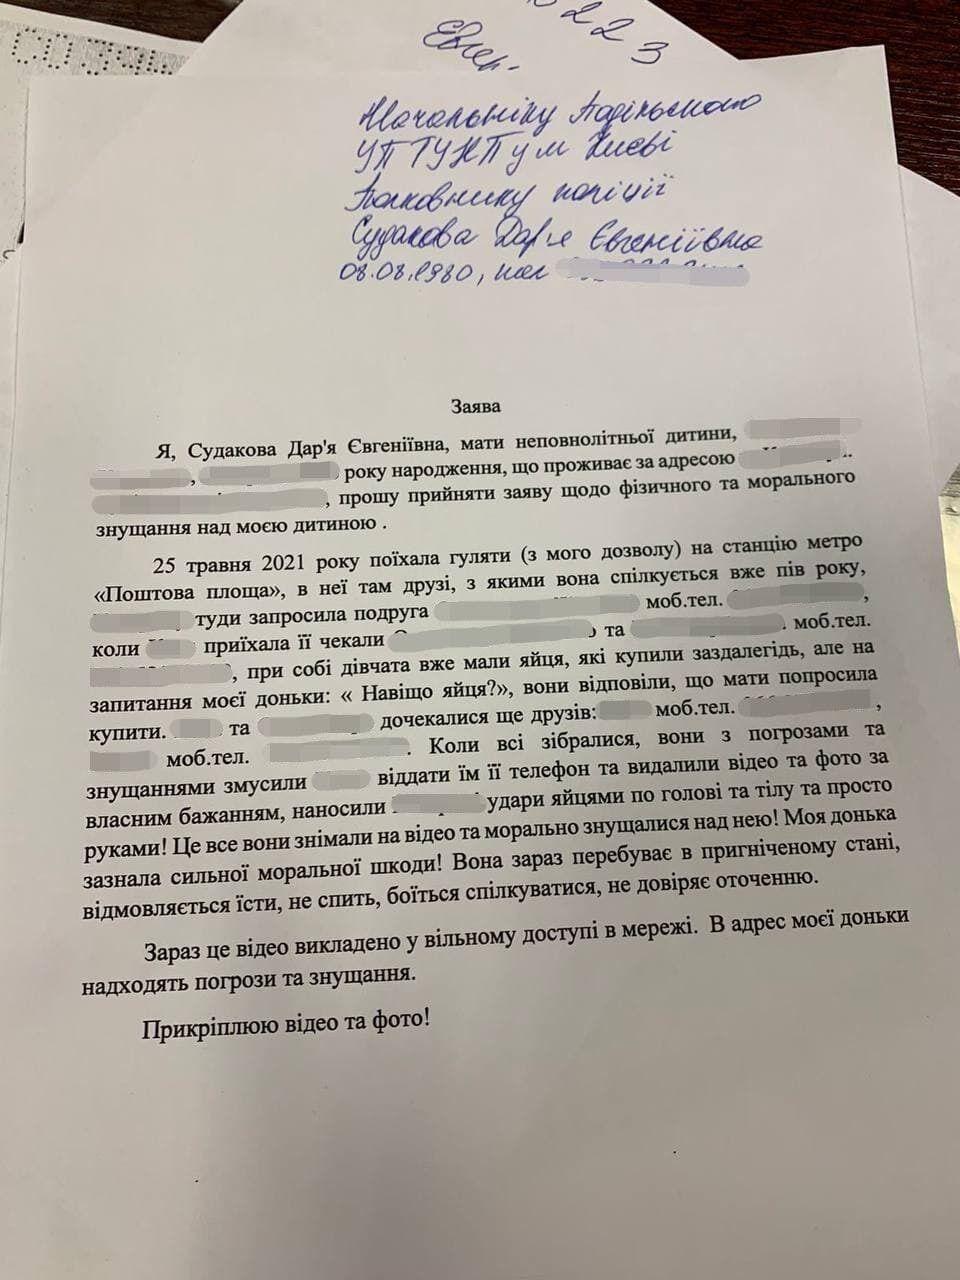 Заявление в полицию подали еще 27 мая, дело до сих пор не открыли